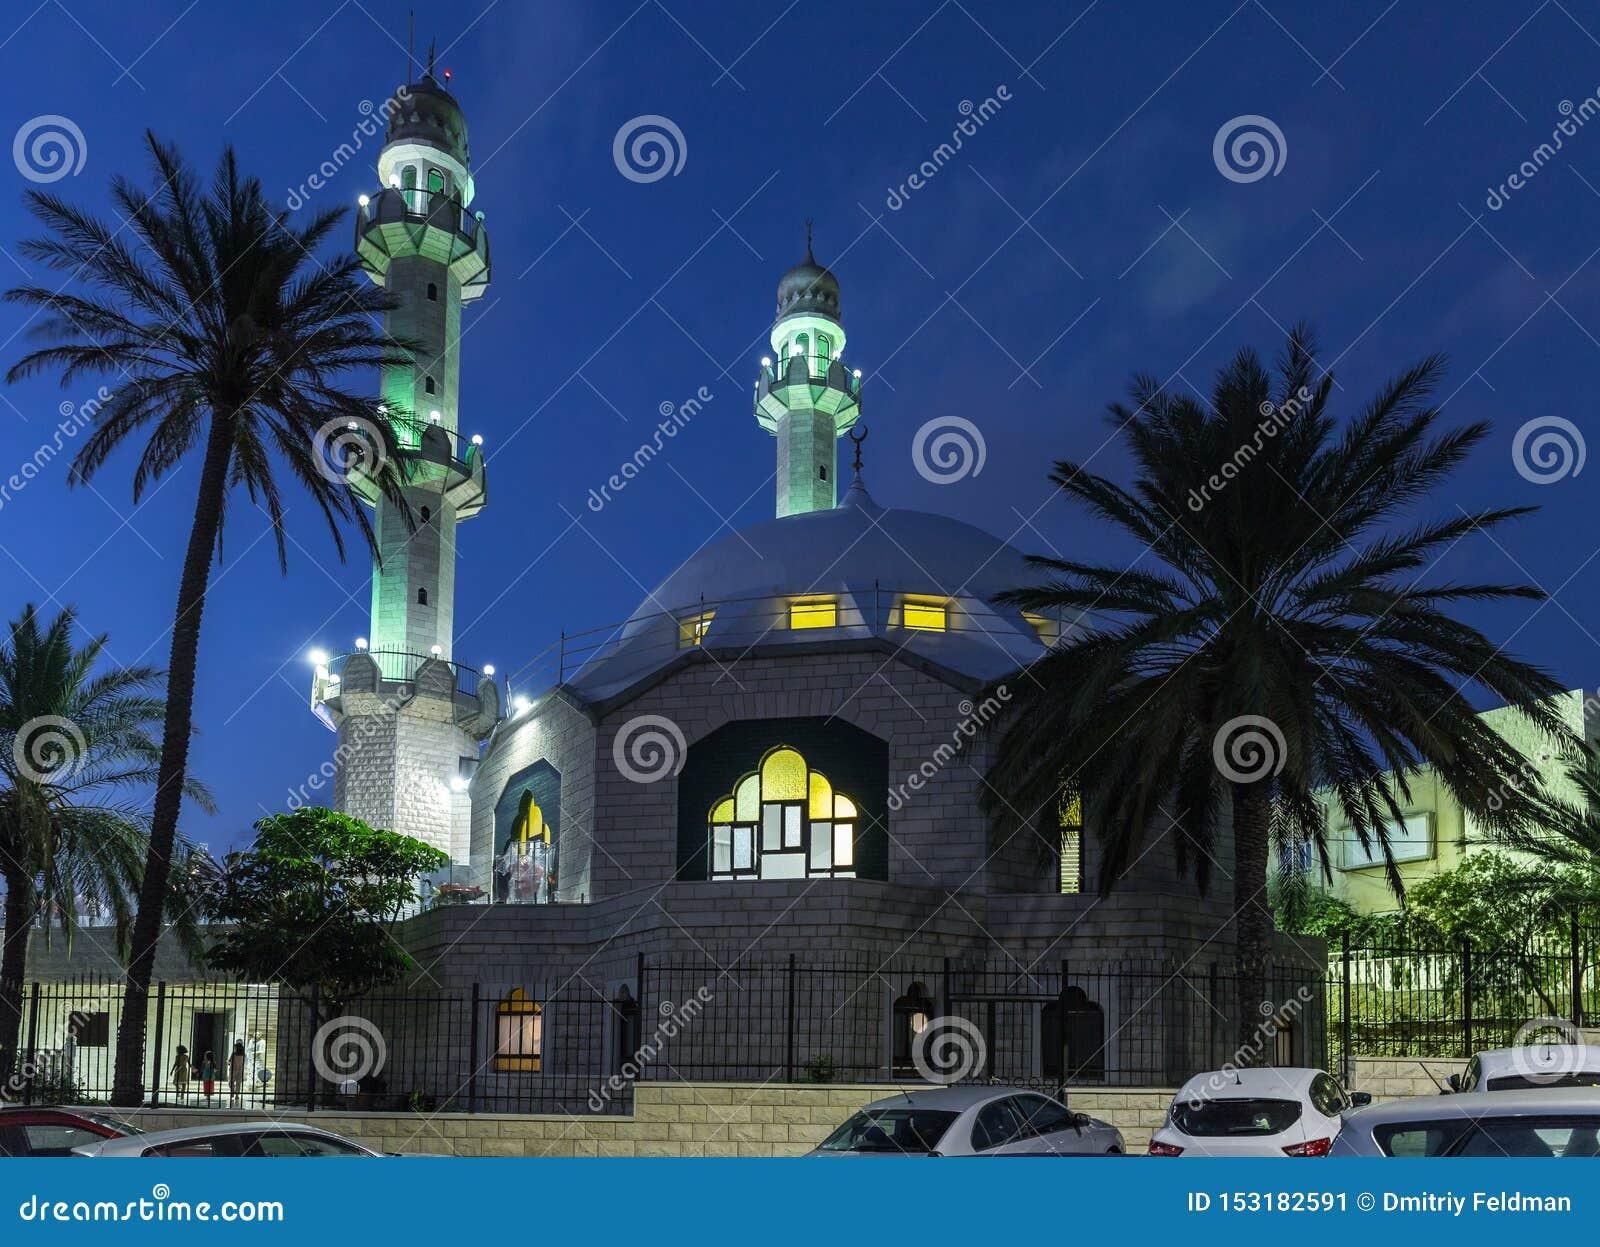 Vista nocturna de la calle adyacente a la mezquita de Ahmadiyya Shaykh Mahmud en la ciudad de Haifa en Israel